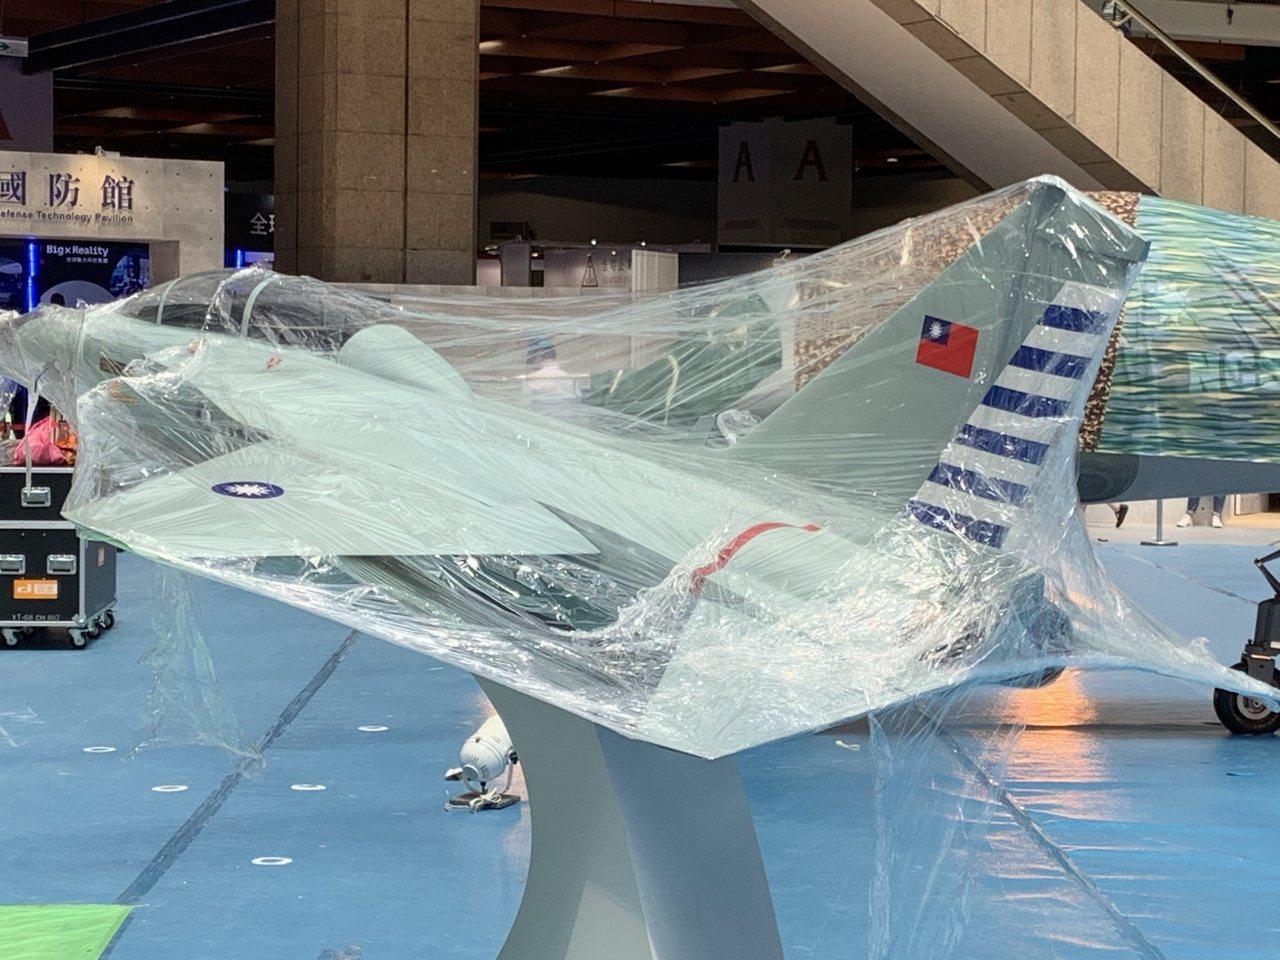 「國防館」展館一角也展出「國機國造」AJT新式高教機模型。模型封膜今天上午尚未拆...